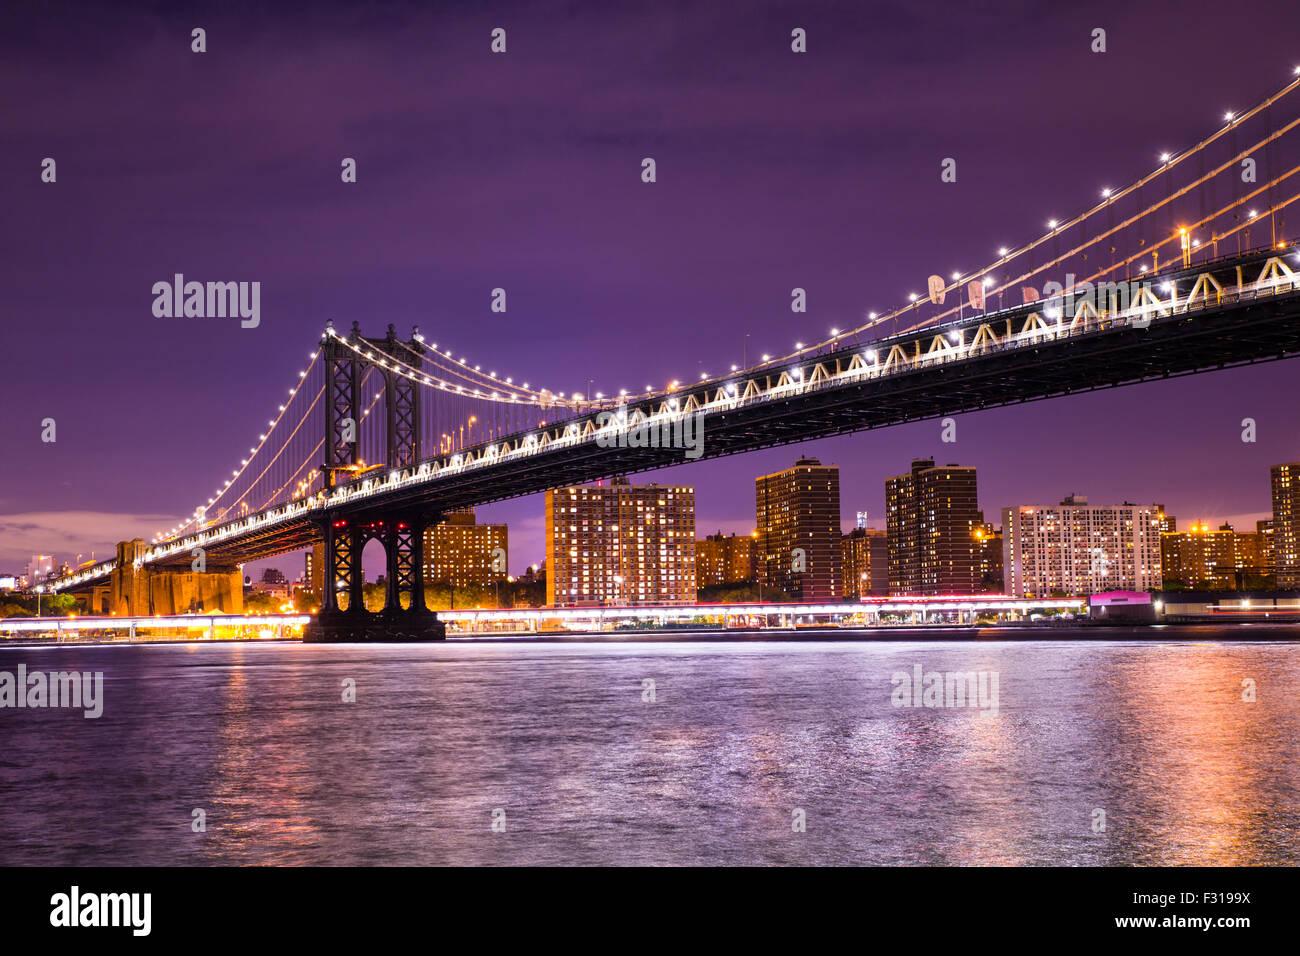 Night view of The Manhattan bridge in New York City - Stock Image